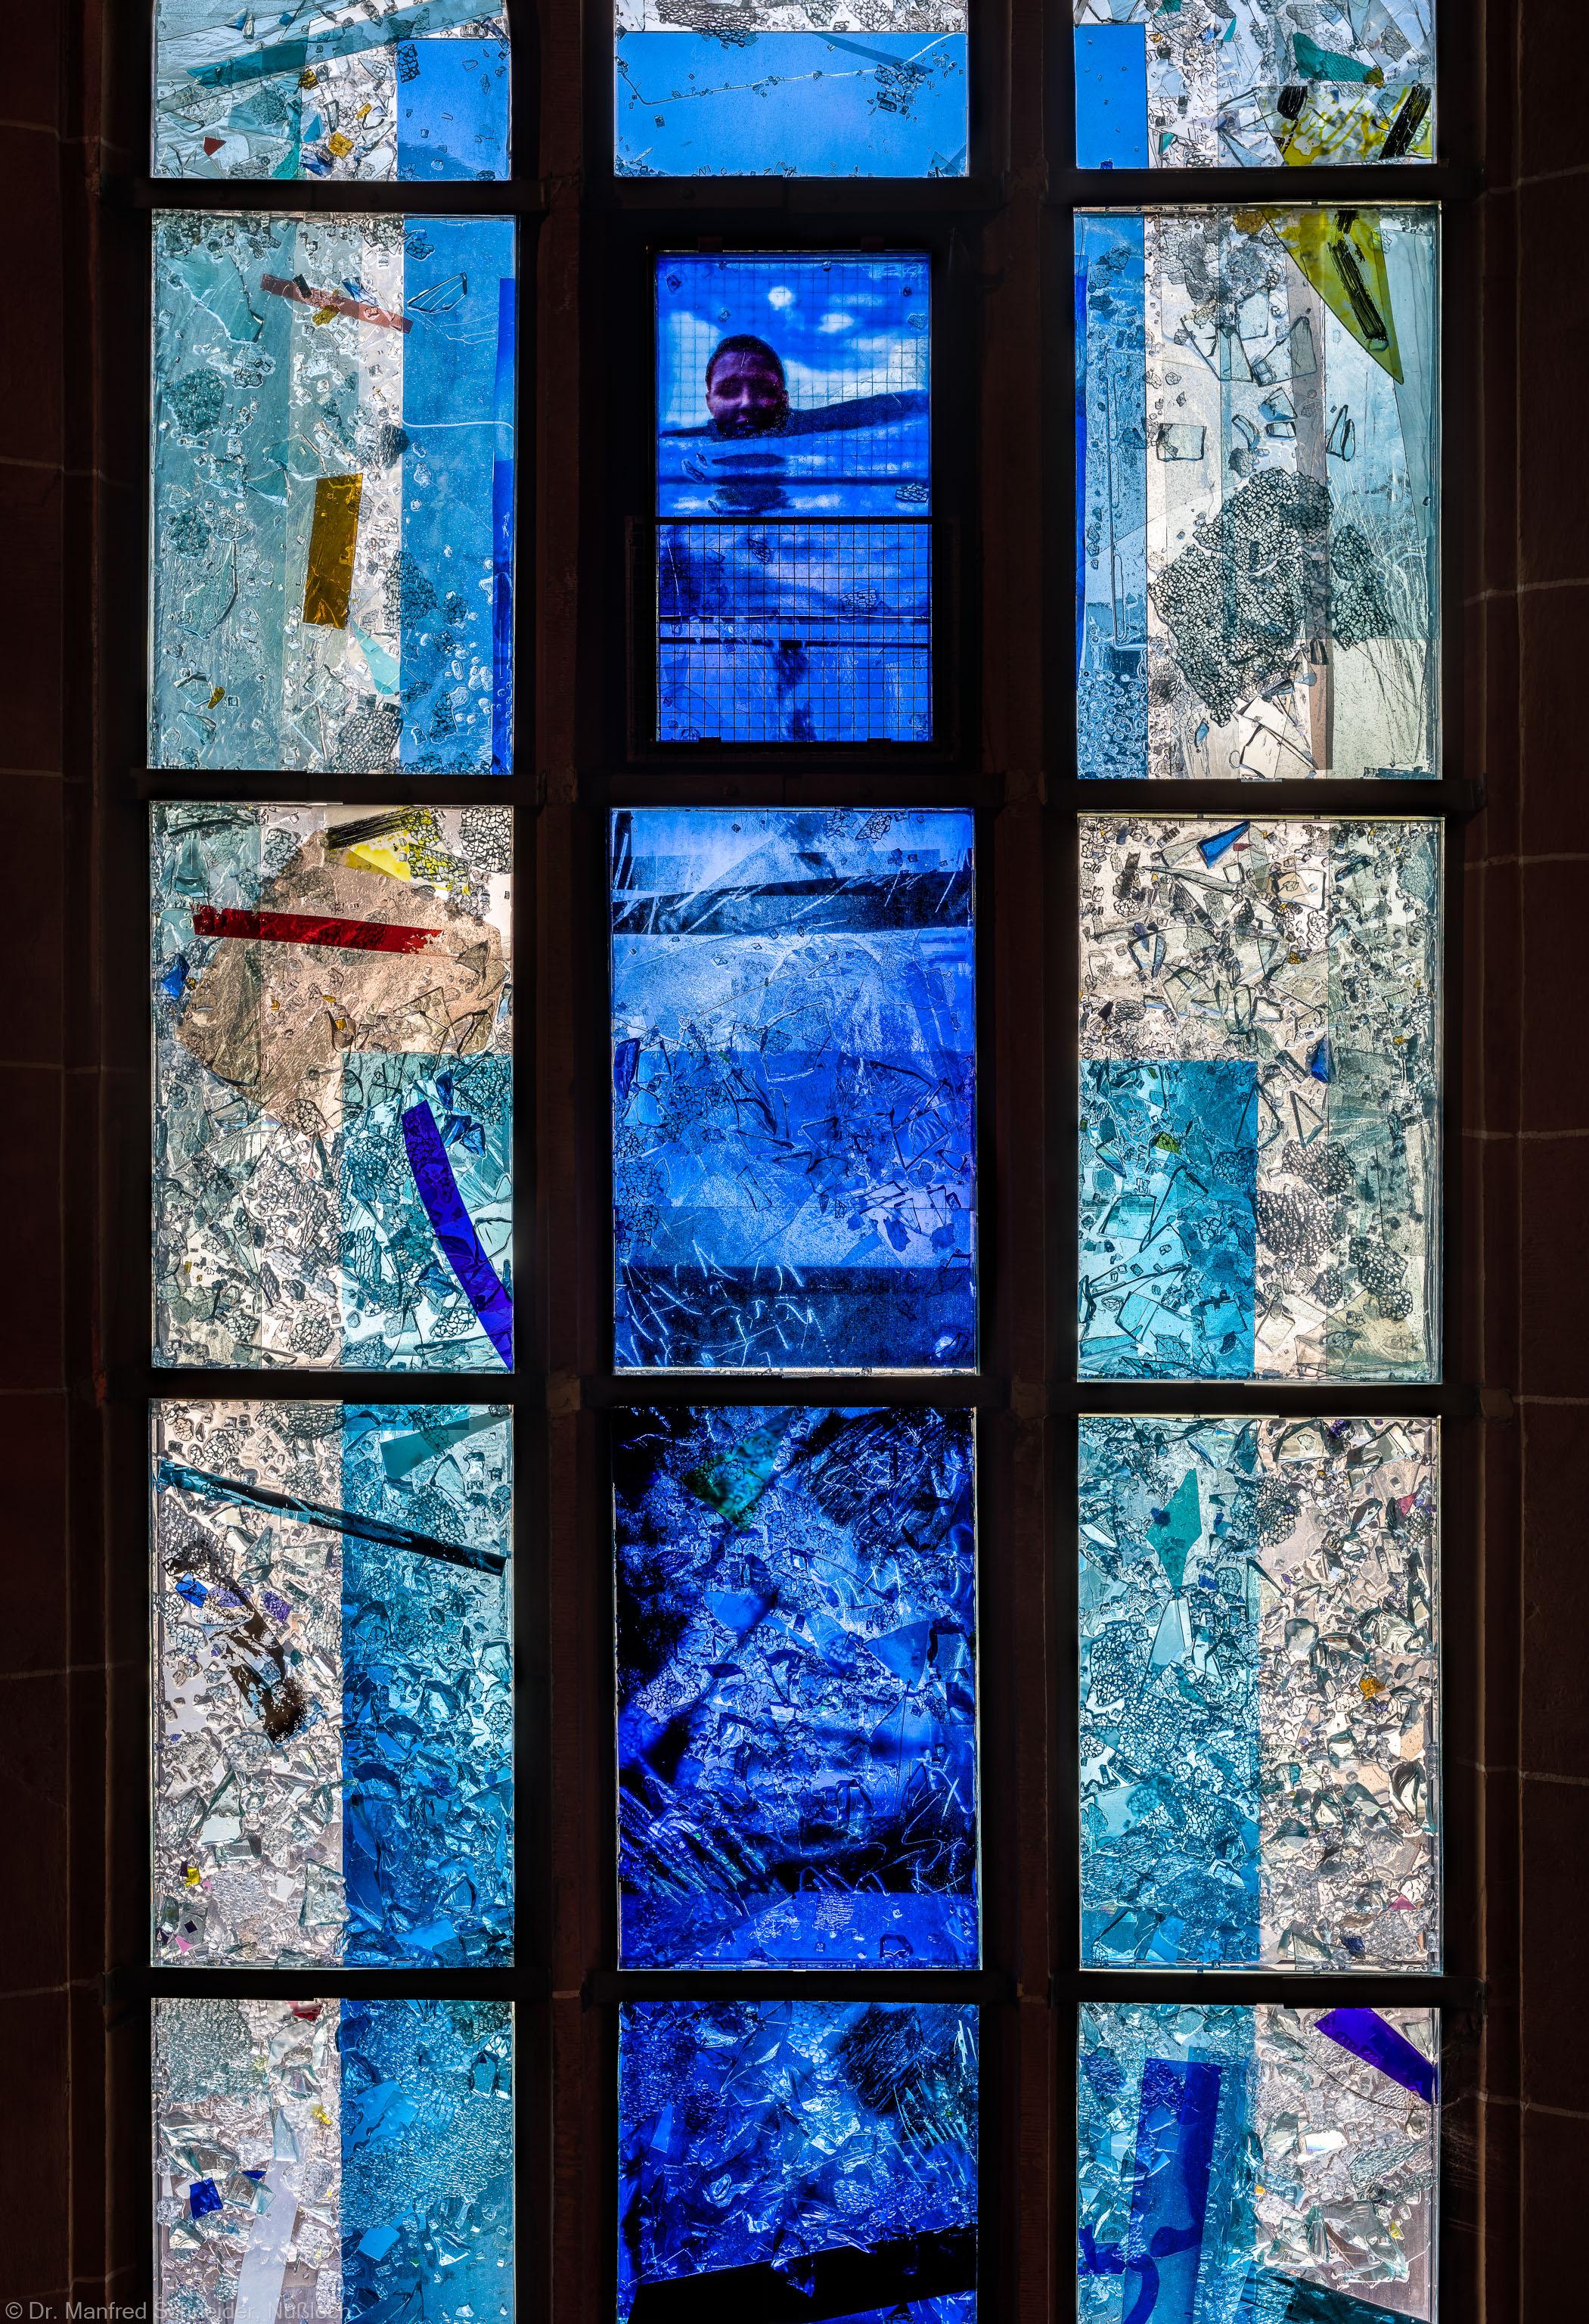 """Heidelberg - Heiliggeistkirche - Nordschiff - 1. Joch, von Westen aus gezählt - Ausschnitt aus dem Fenster """"Schöpfungsgeschichte - Gottes Geist über den Wassern"""" von Hella De Santarossa (aufgenommen im Oktober 2015, am Nachmittag)"""